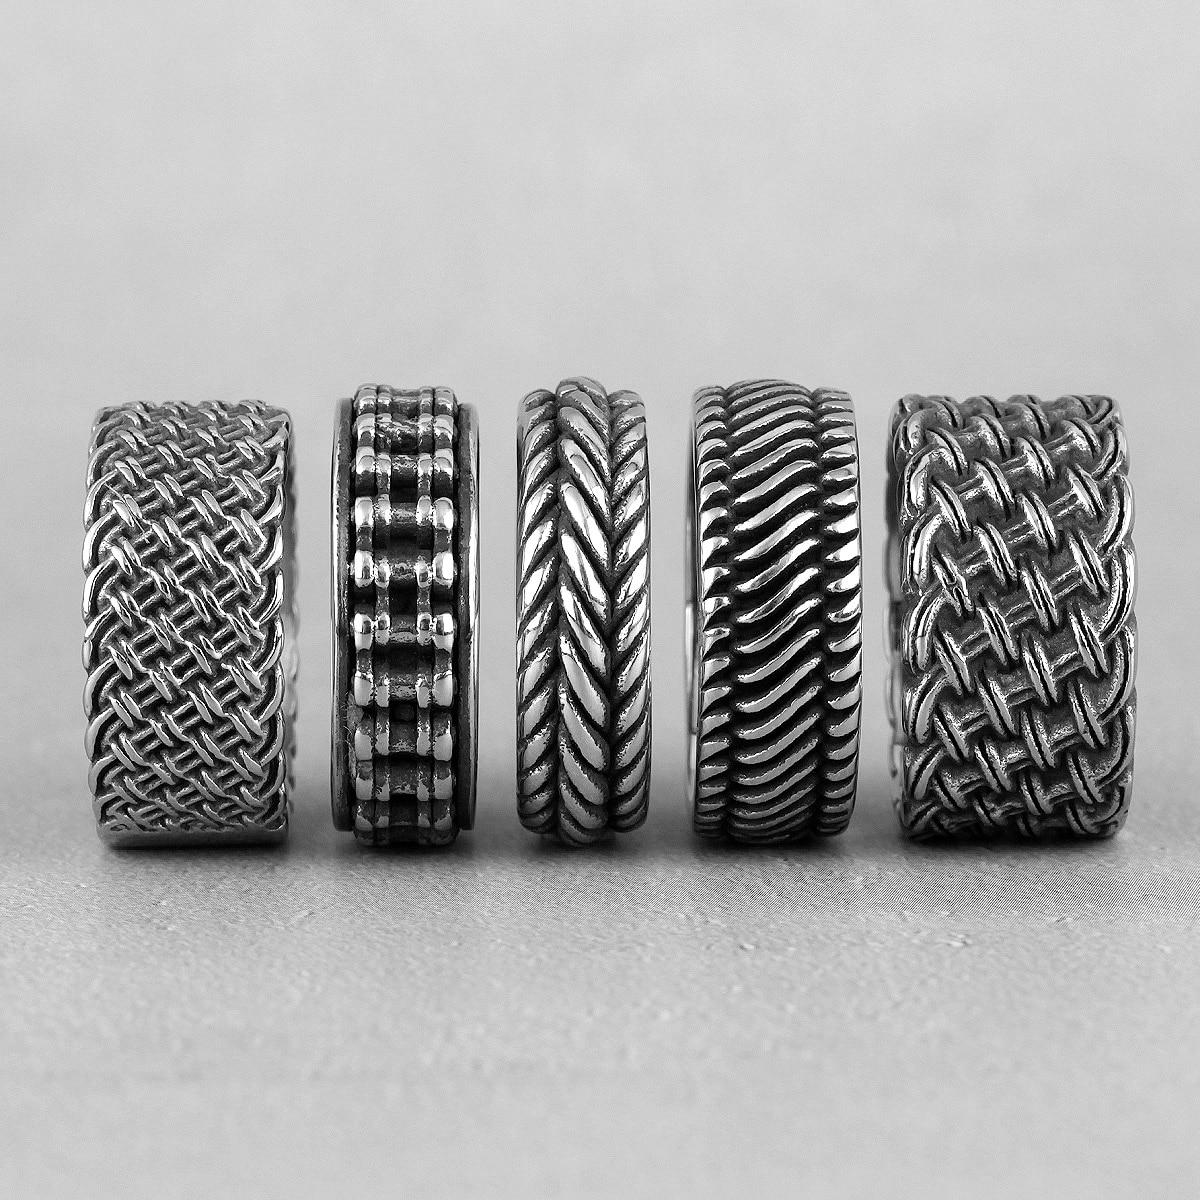 Grade tecer anéis de aço inoxidável dos homens retro estilo industrial simples para namorado masculino biker jóias criatividade presente atacado